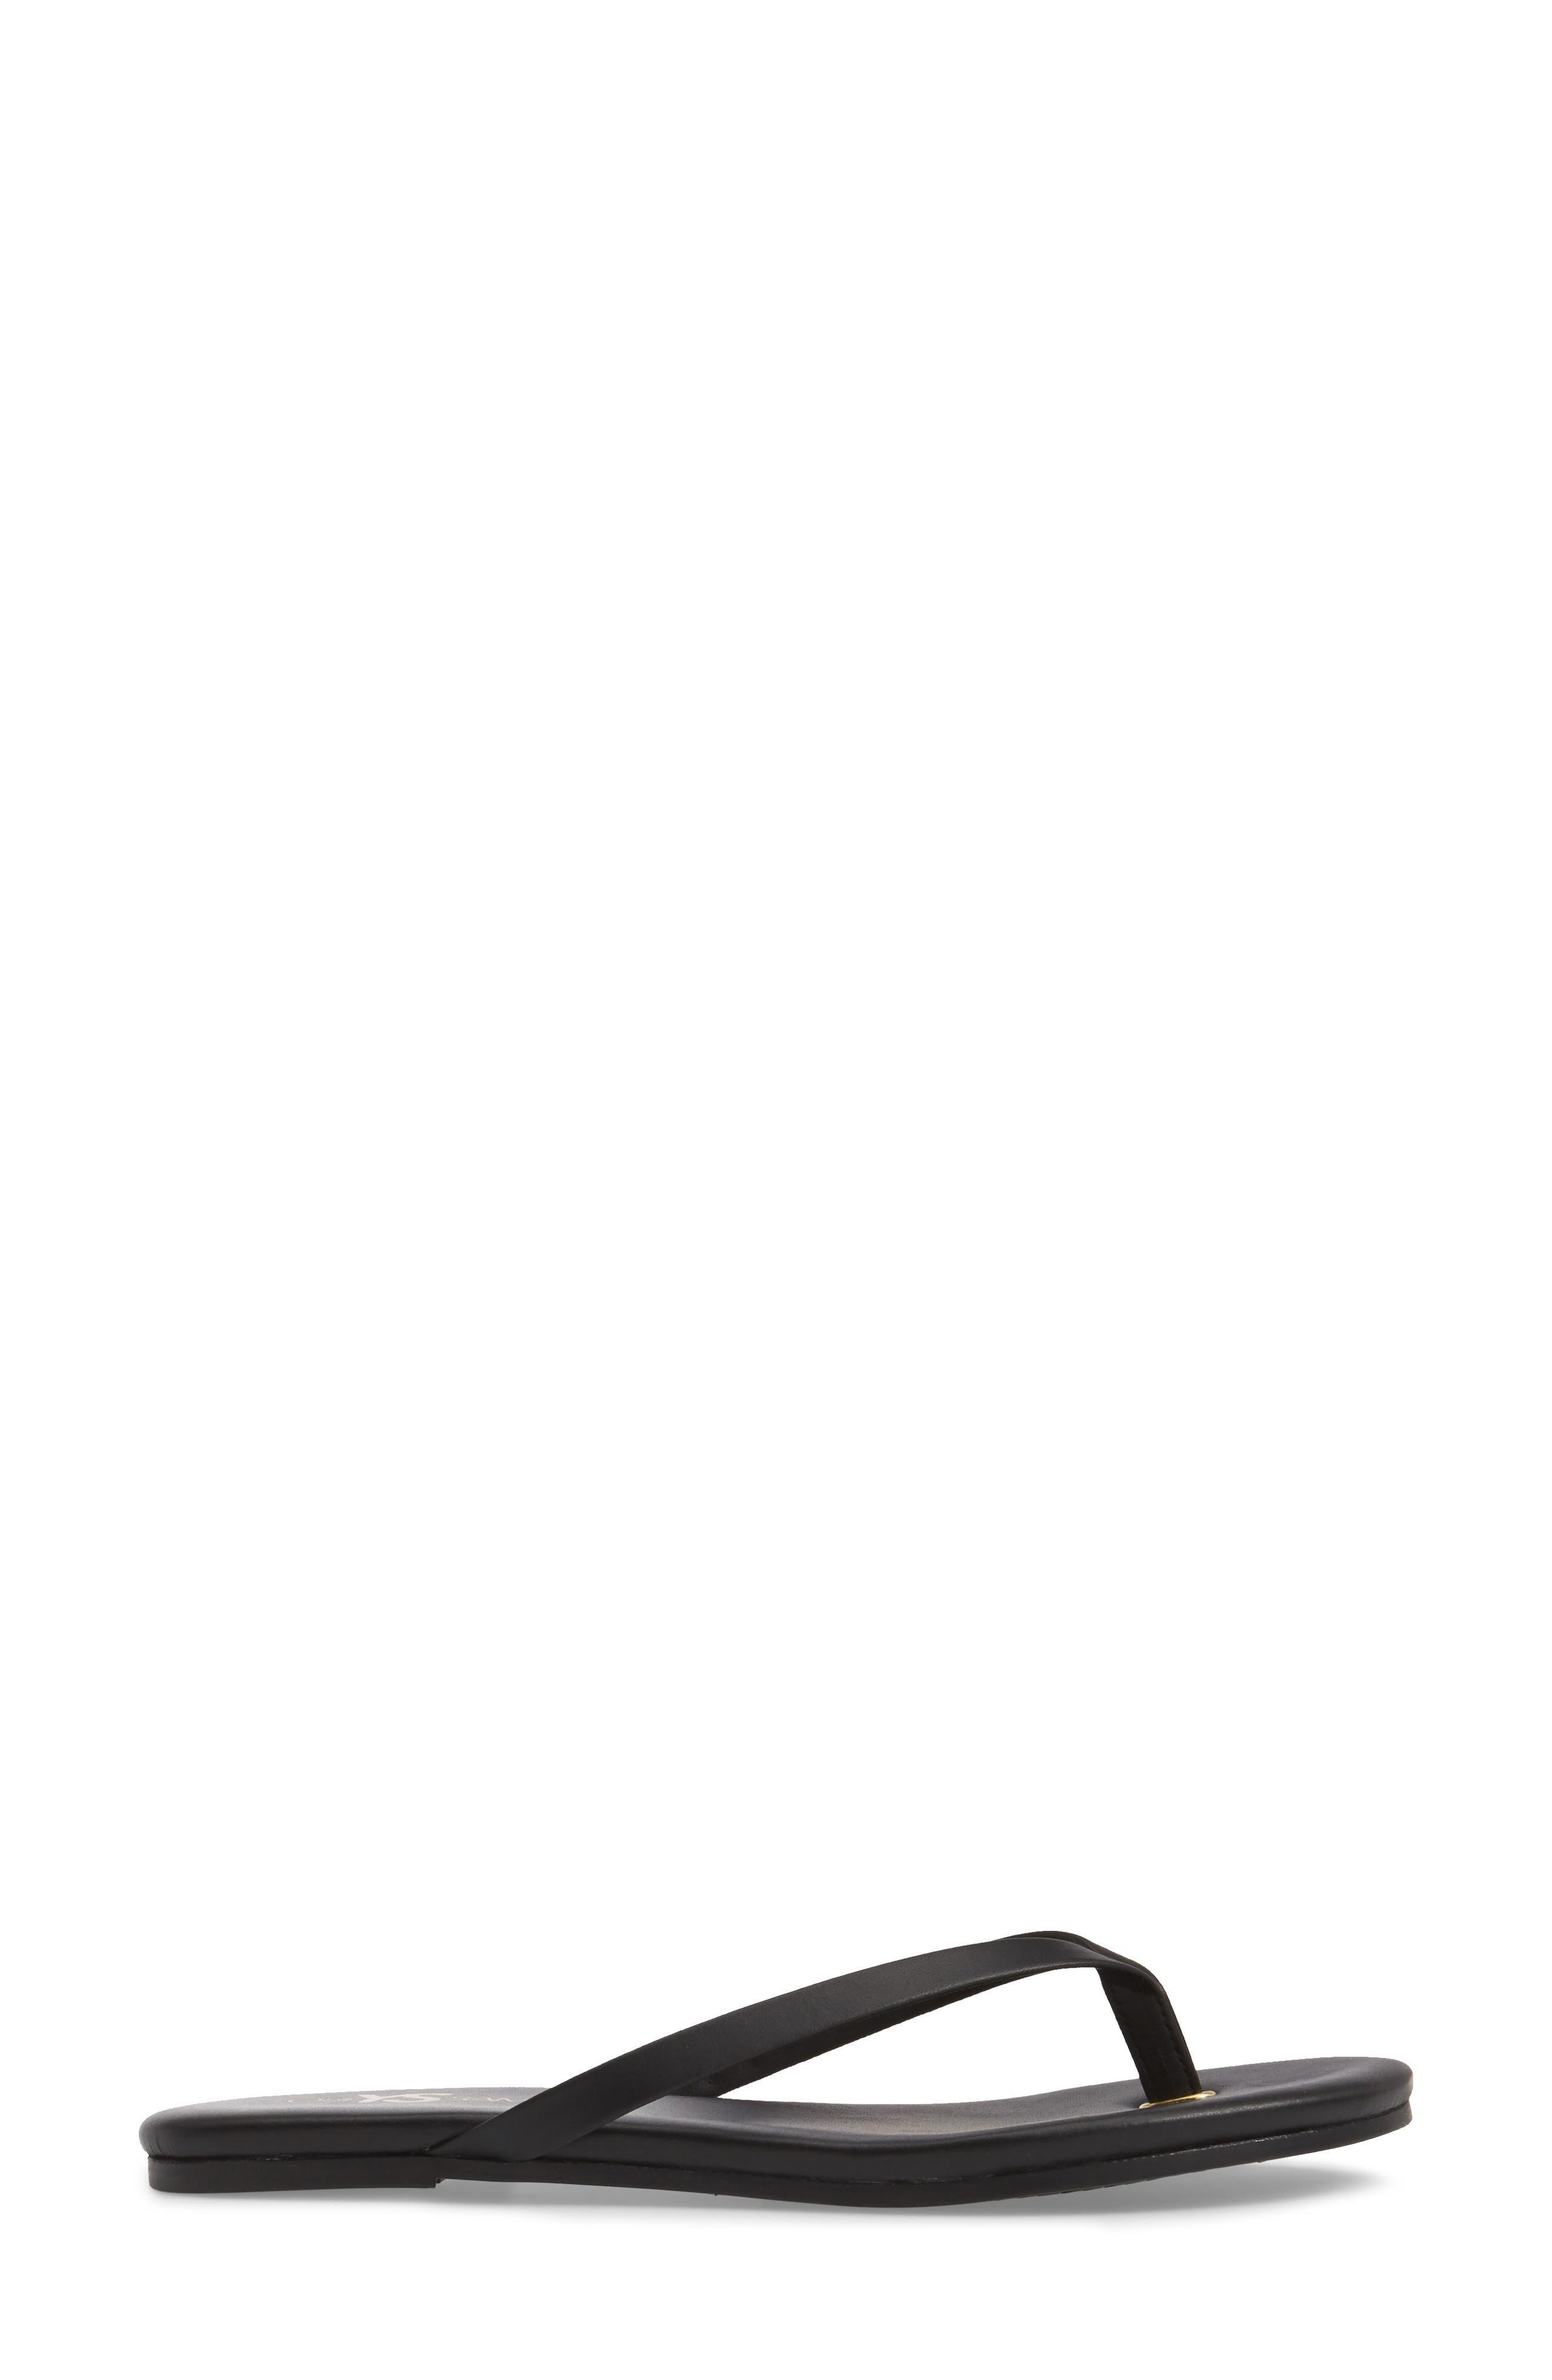 Rivington Flip Flop,                             Alternate thumbnail 3, color,                             BLACK LEATHER